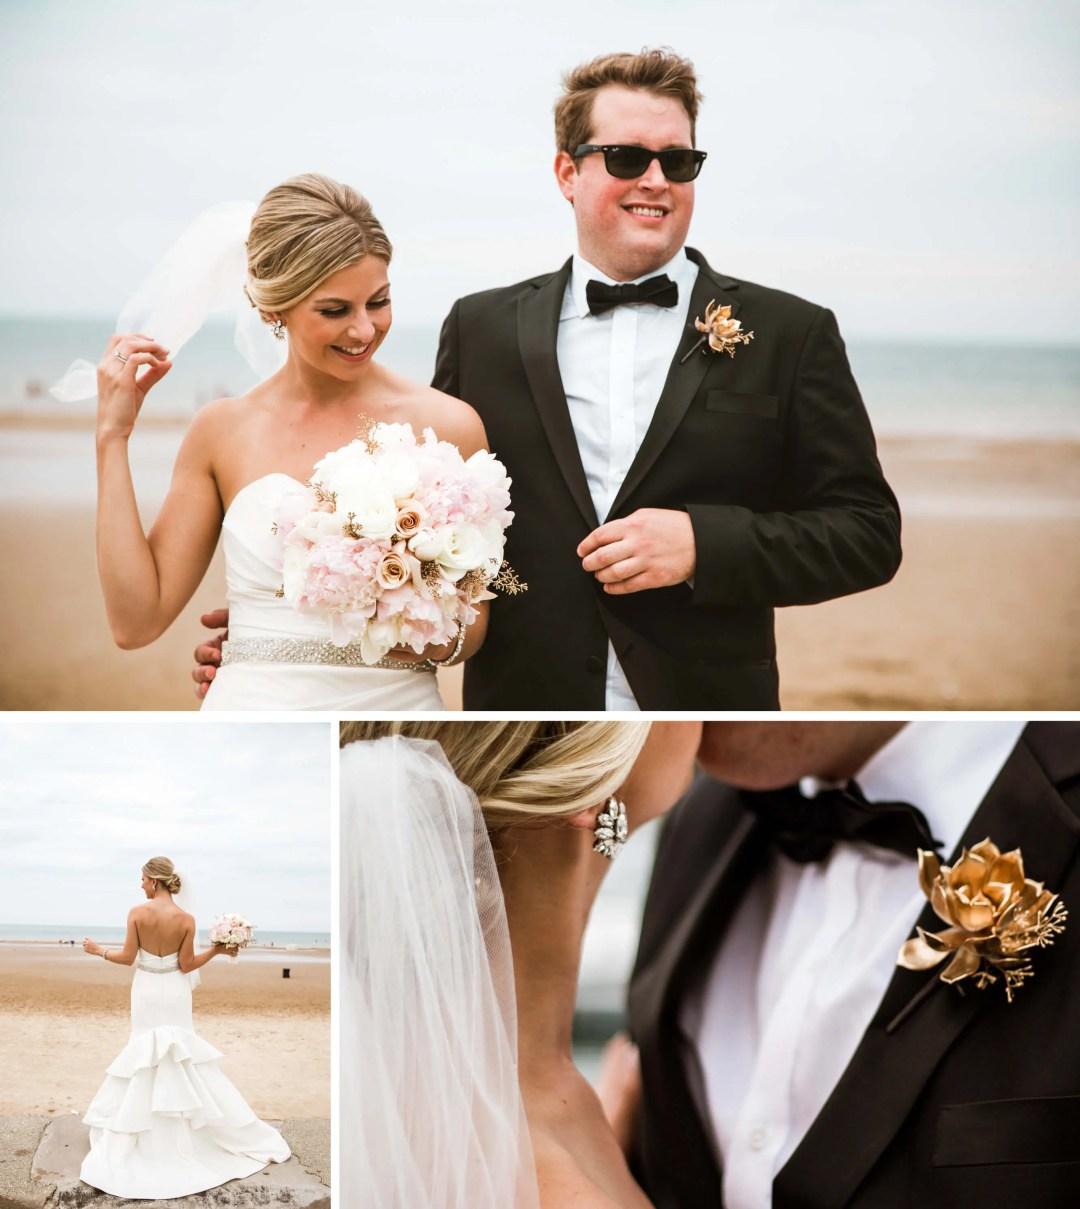 Chicago beach wedding portraits - Sussex Wedding Photographer